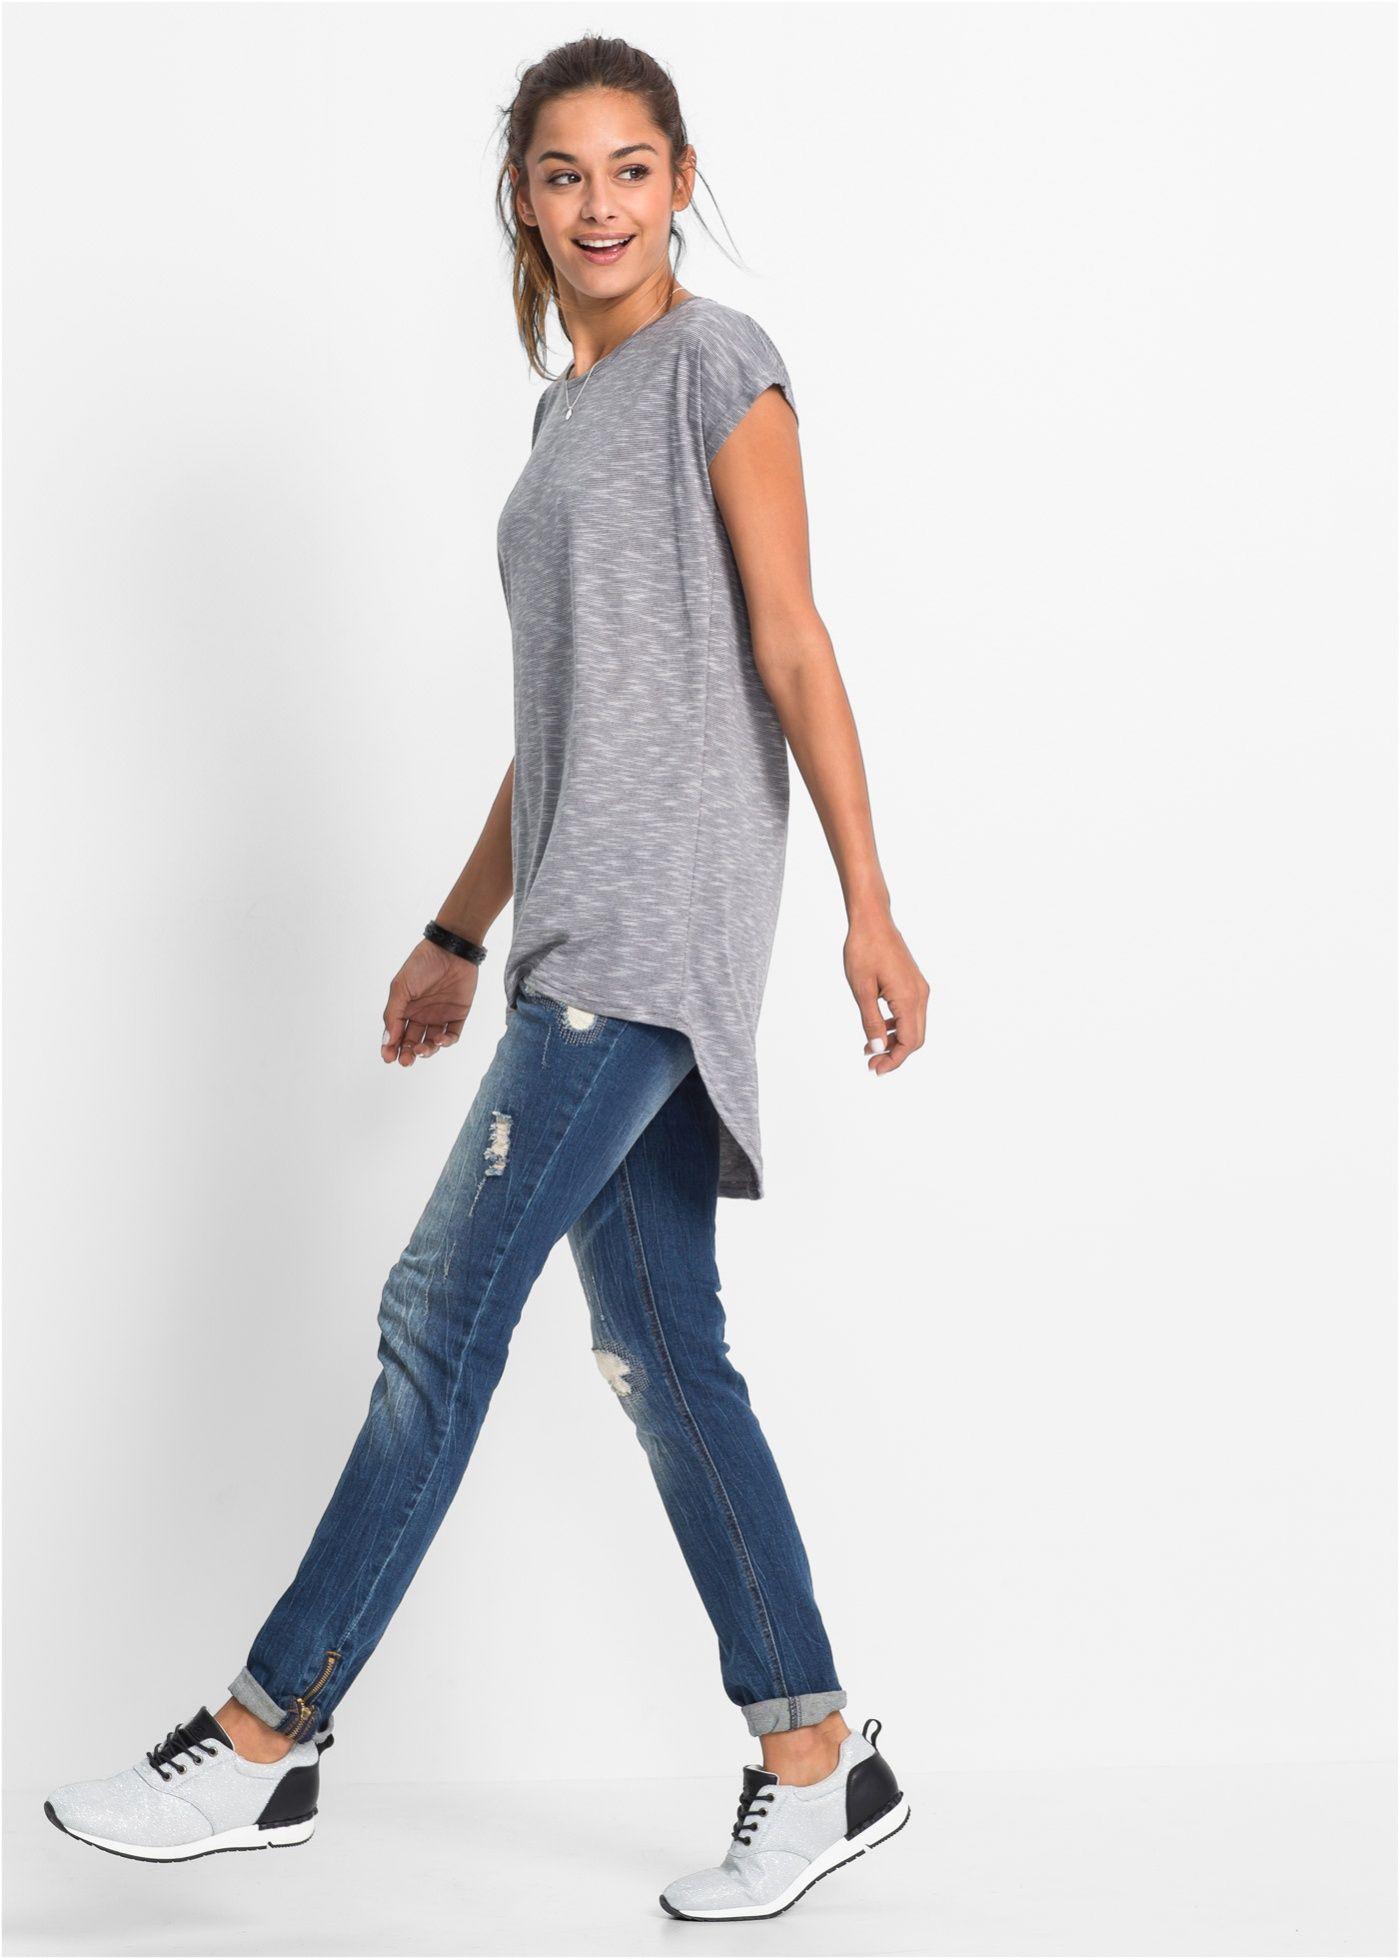 Dlouhé triko šedá vícebarevná - koupit online - bonprix.cz Módní melanžový  vzhlad se zakulaceným ff13271ee7e